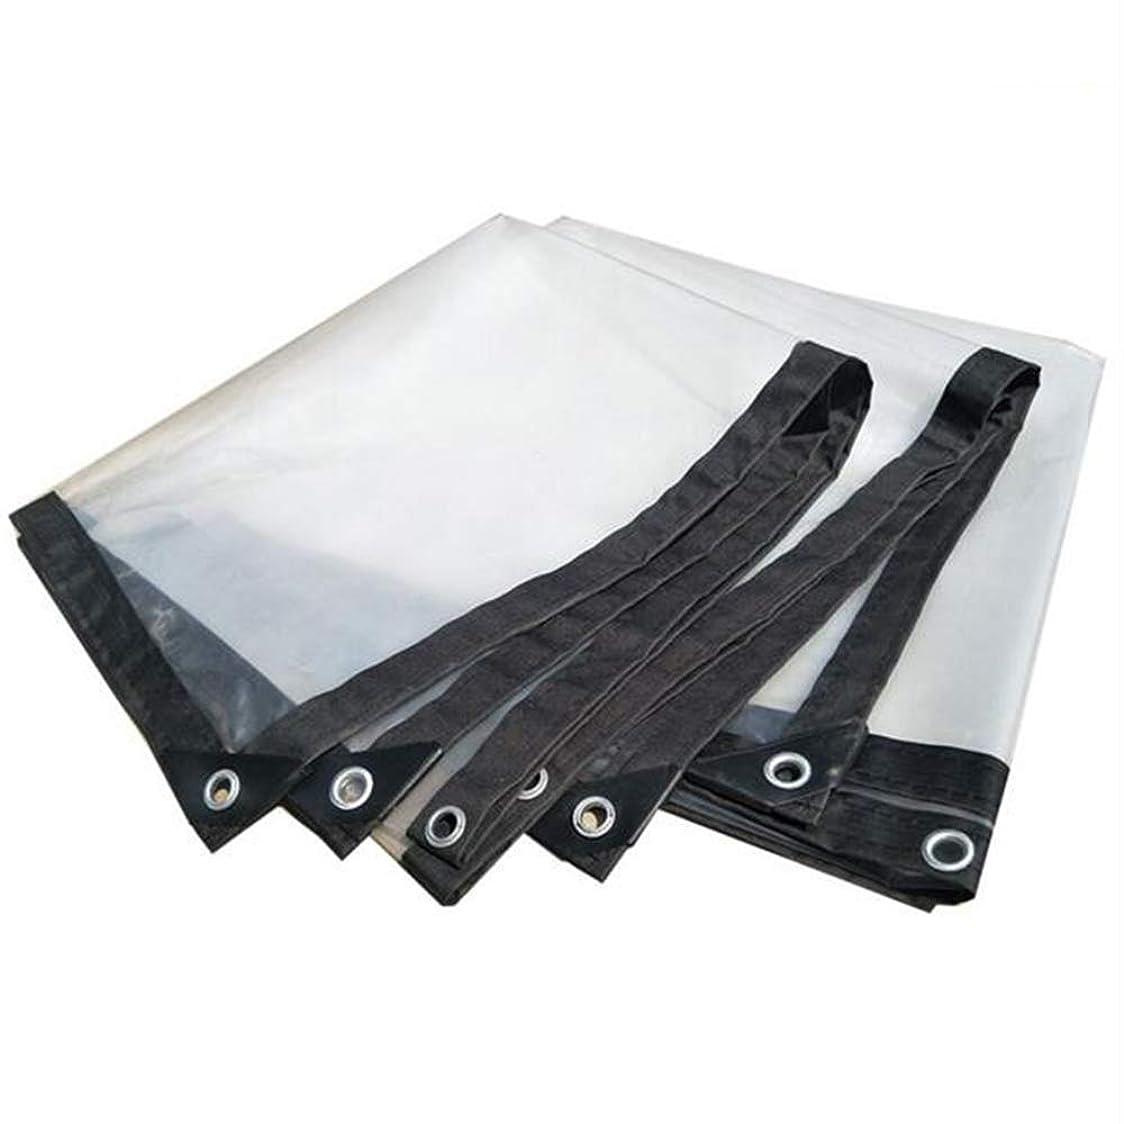 通訳解決する変色する透明な厚い防水防水シート、防水防水プラスチックの防水シート、屋外の植物温室天幕カバーPE温室フィルムZDDAB